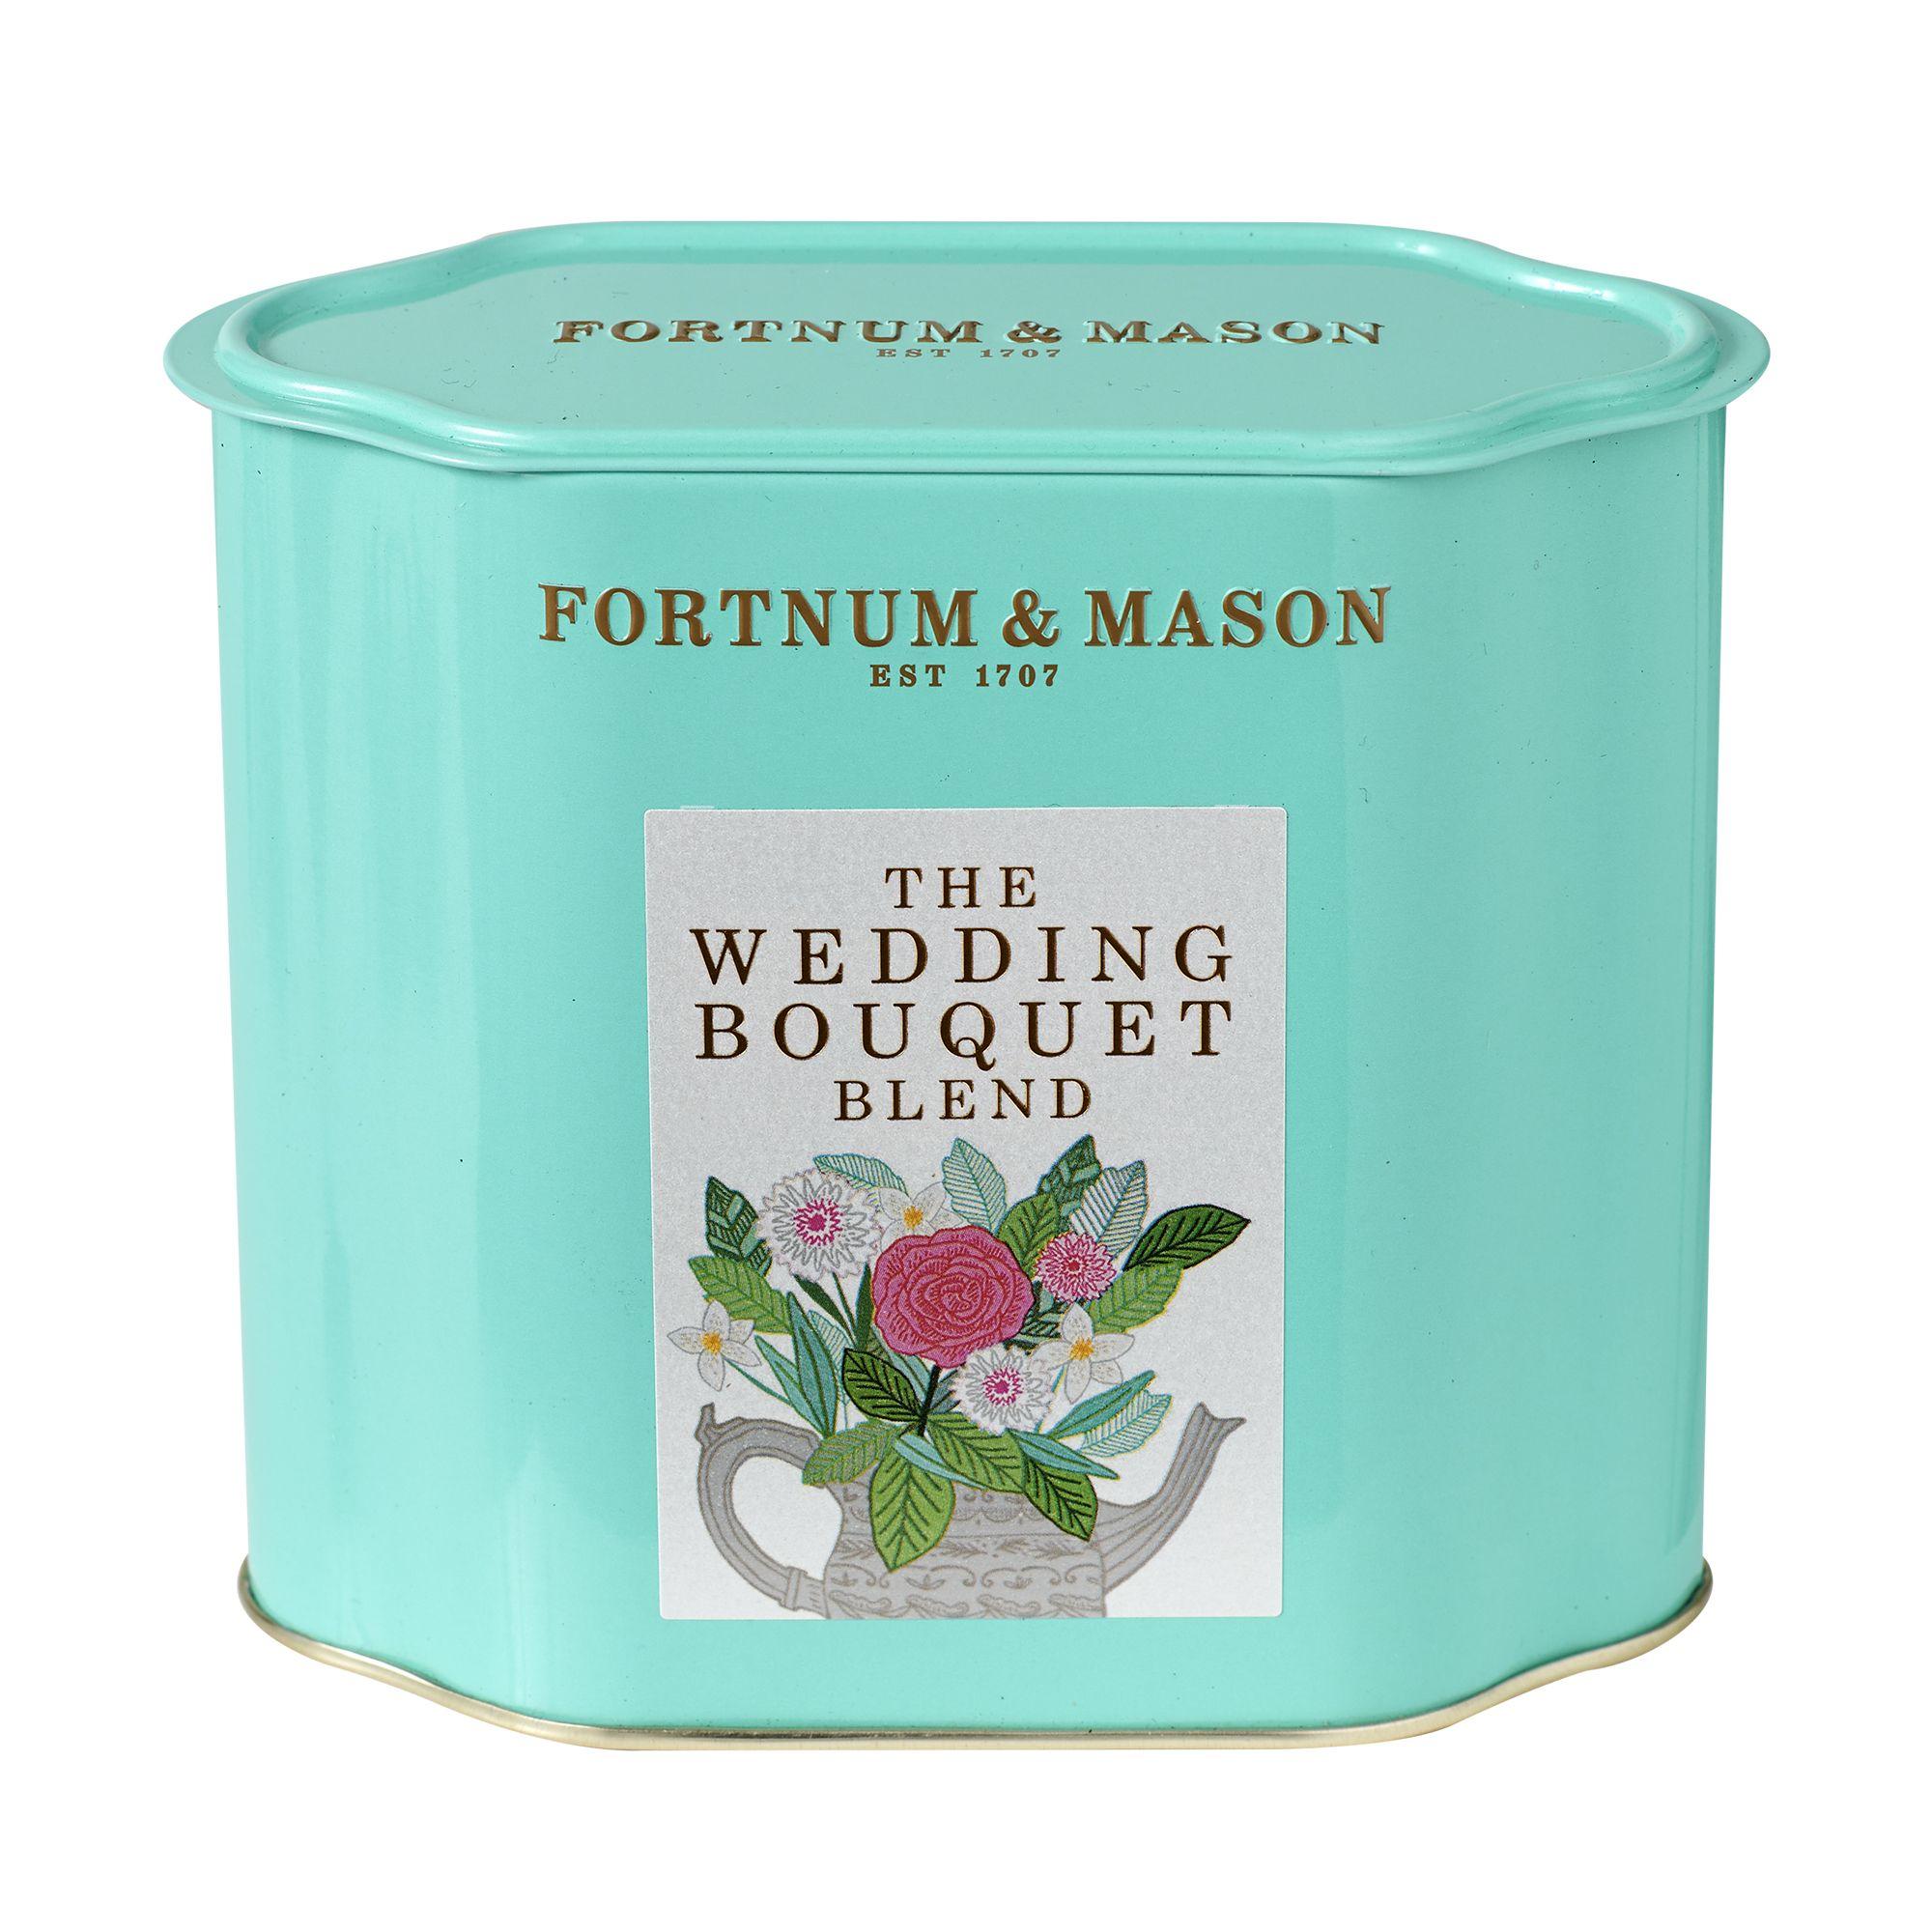 Royal wedding food and drink